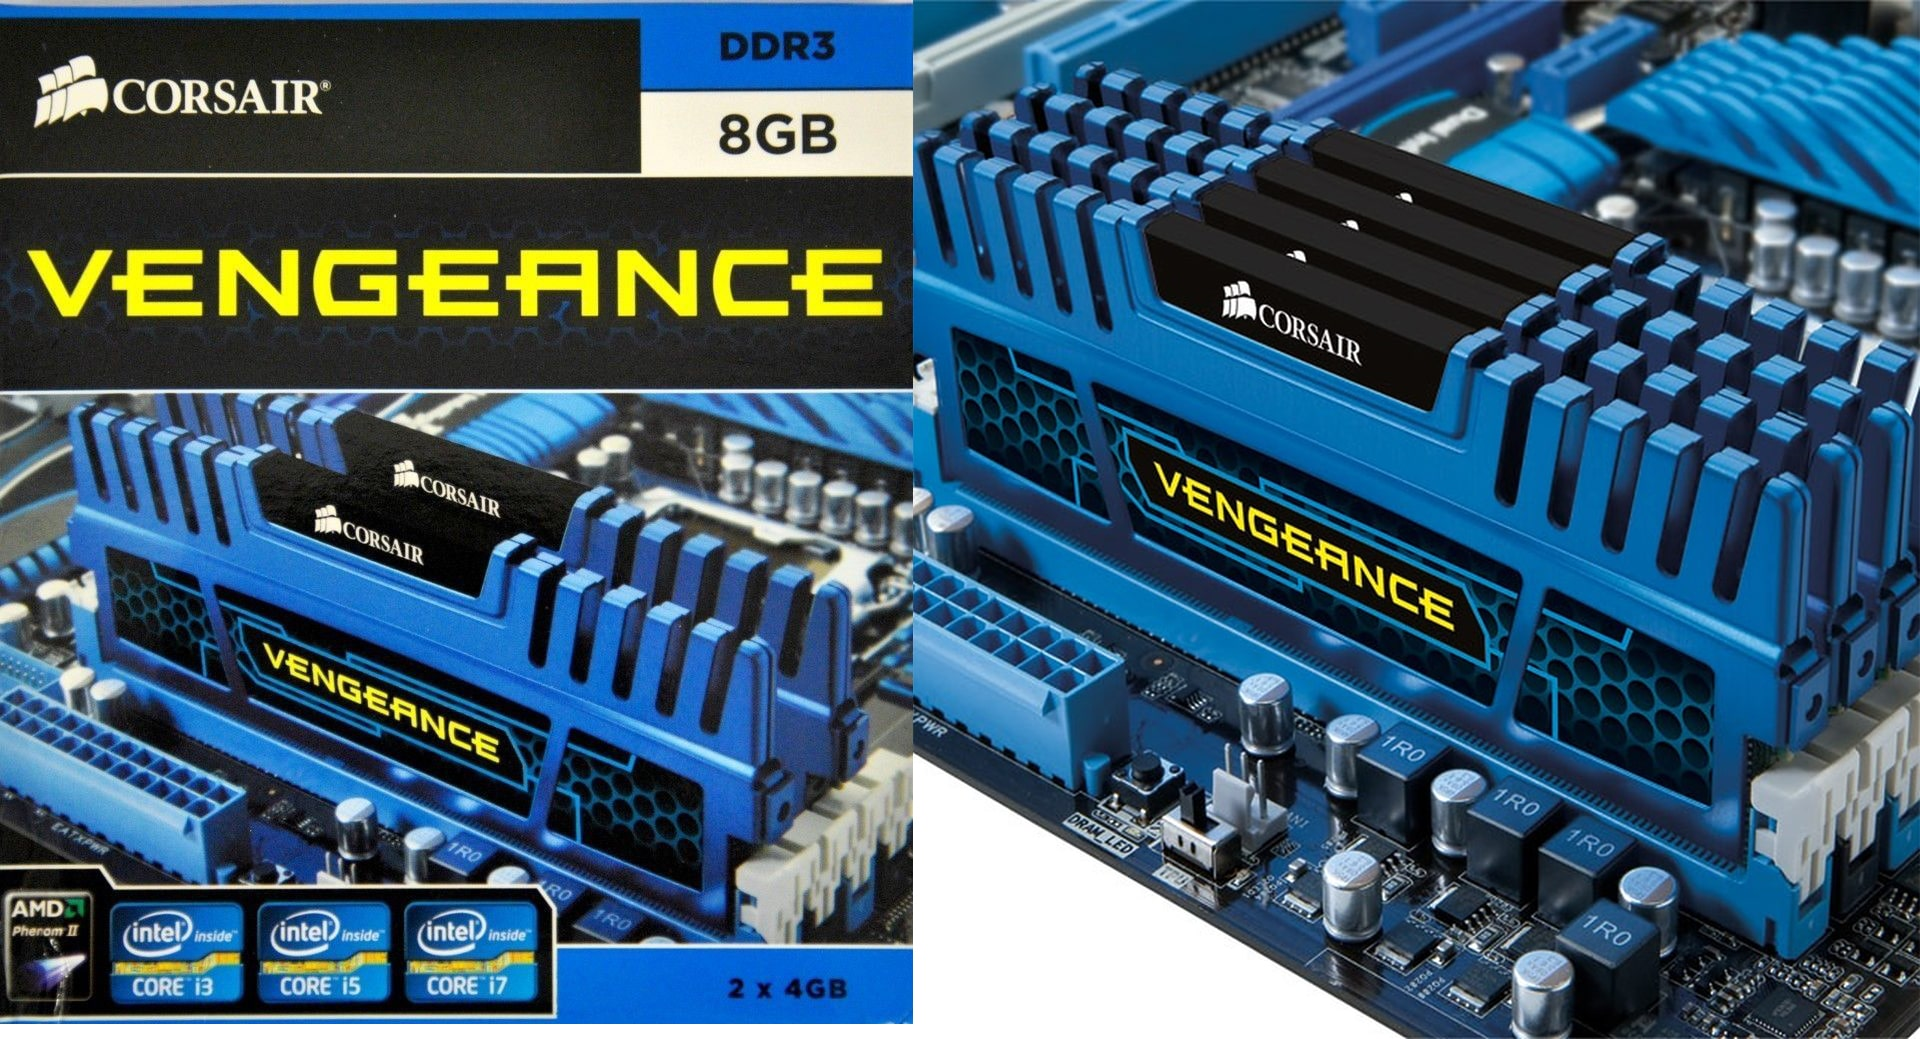 رم دوال چنل کورسیر Vengeance 8GB 2x4GB 1600Mhz DDR3